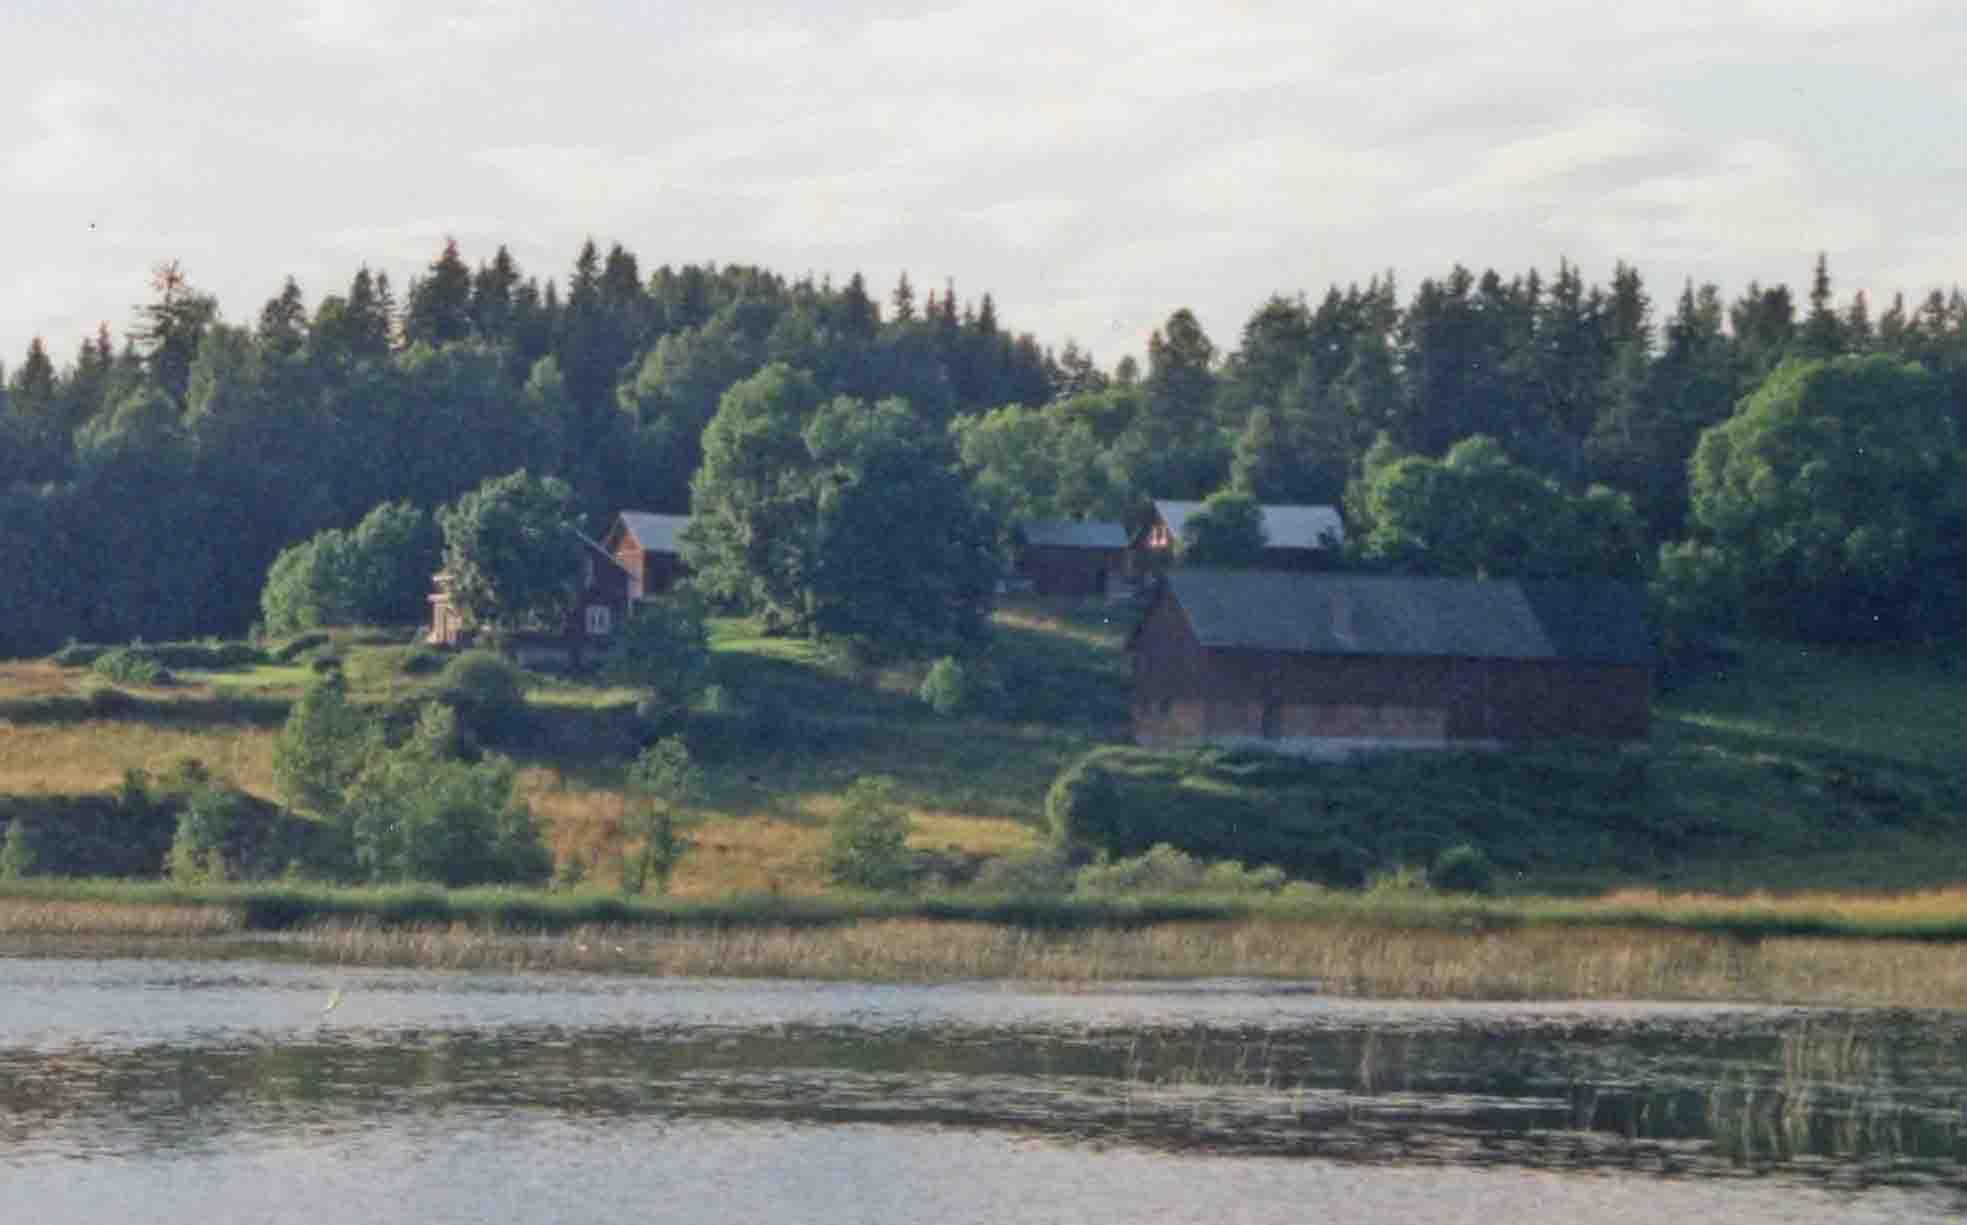 Boda gård